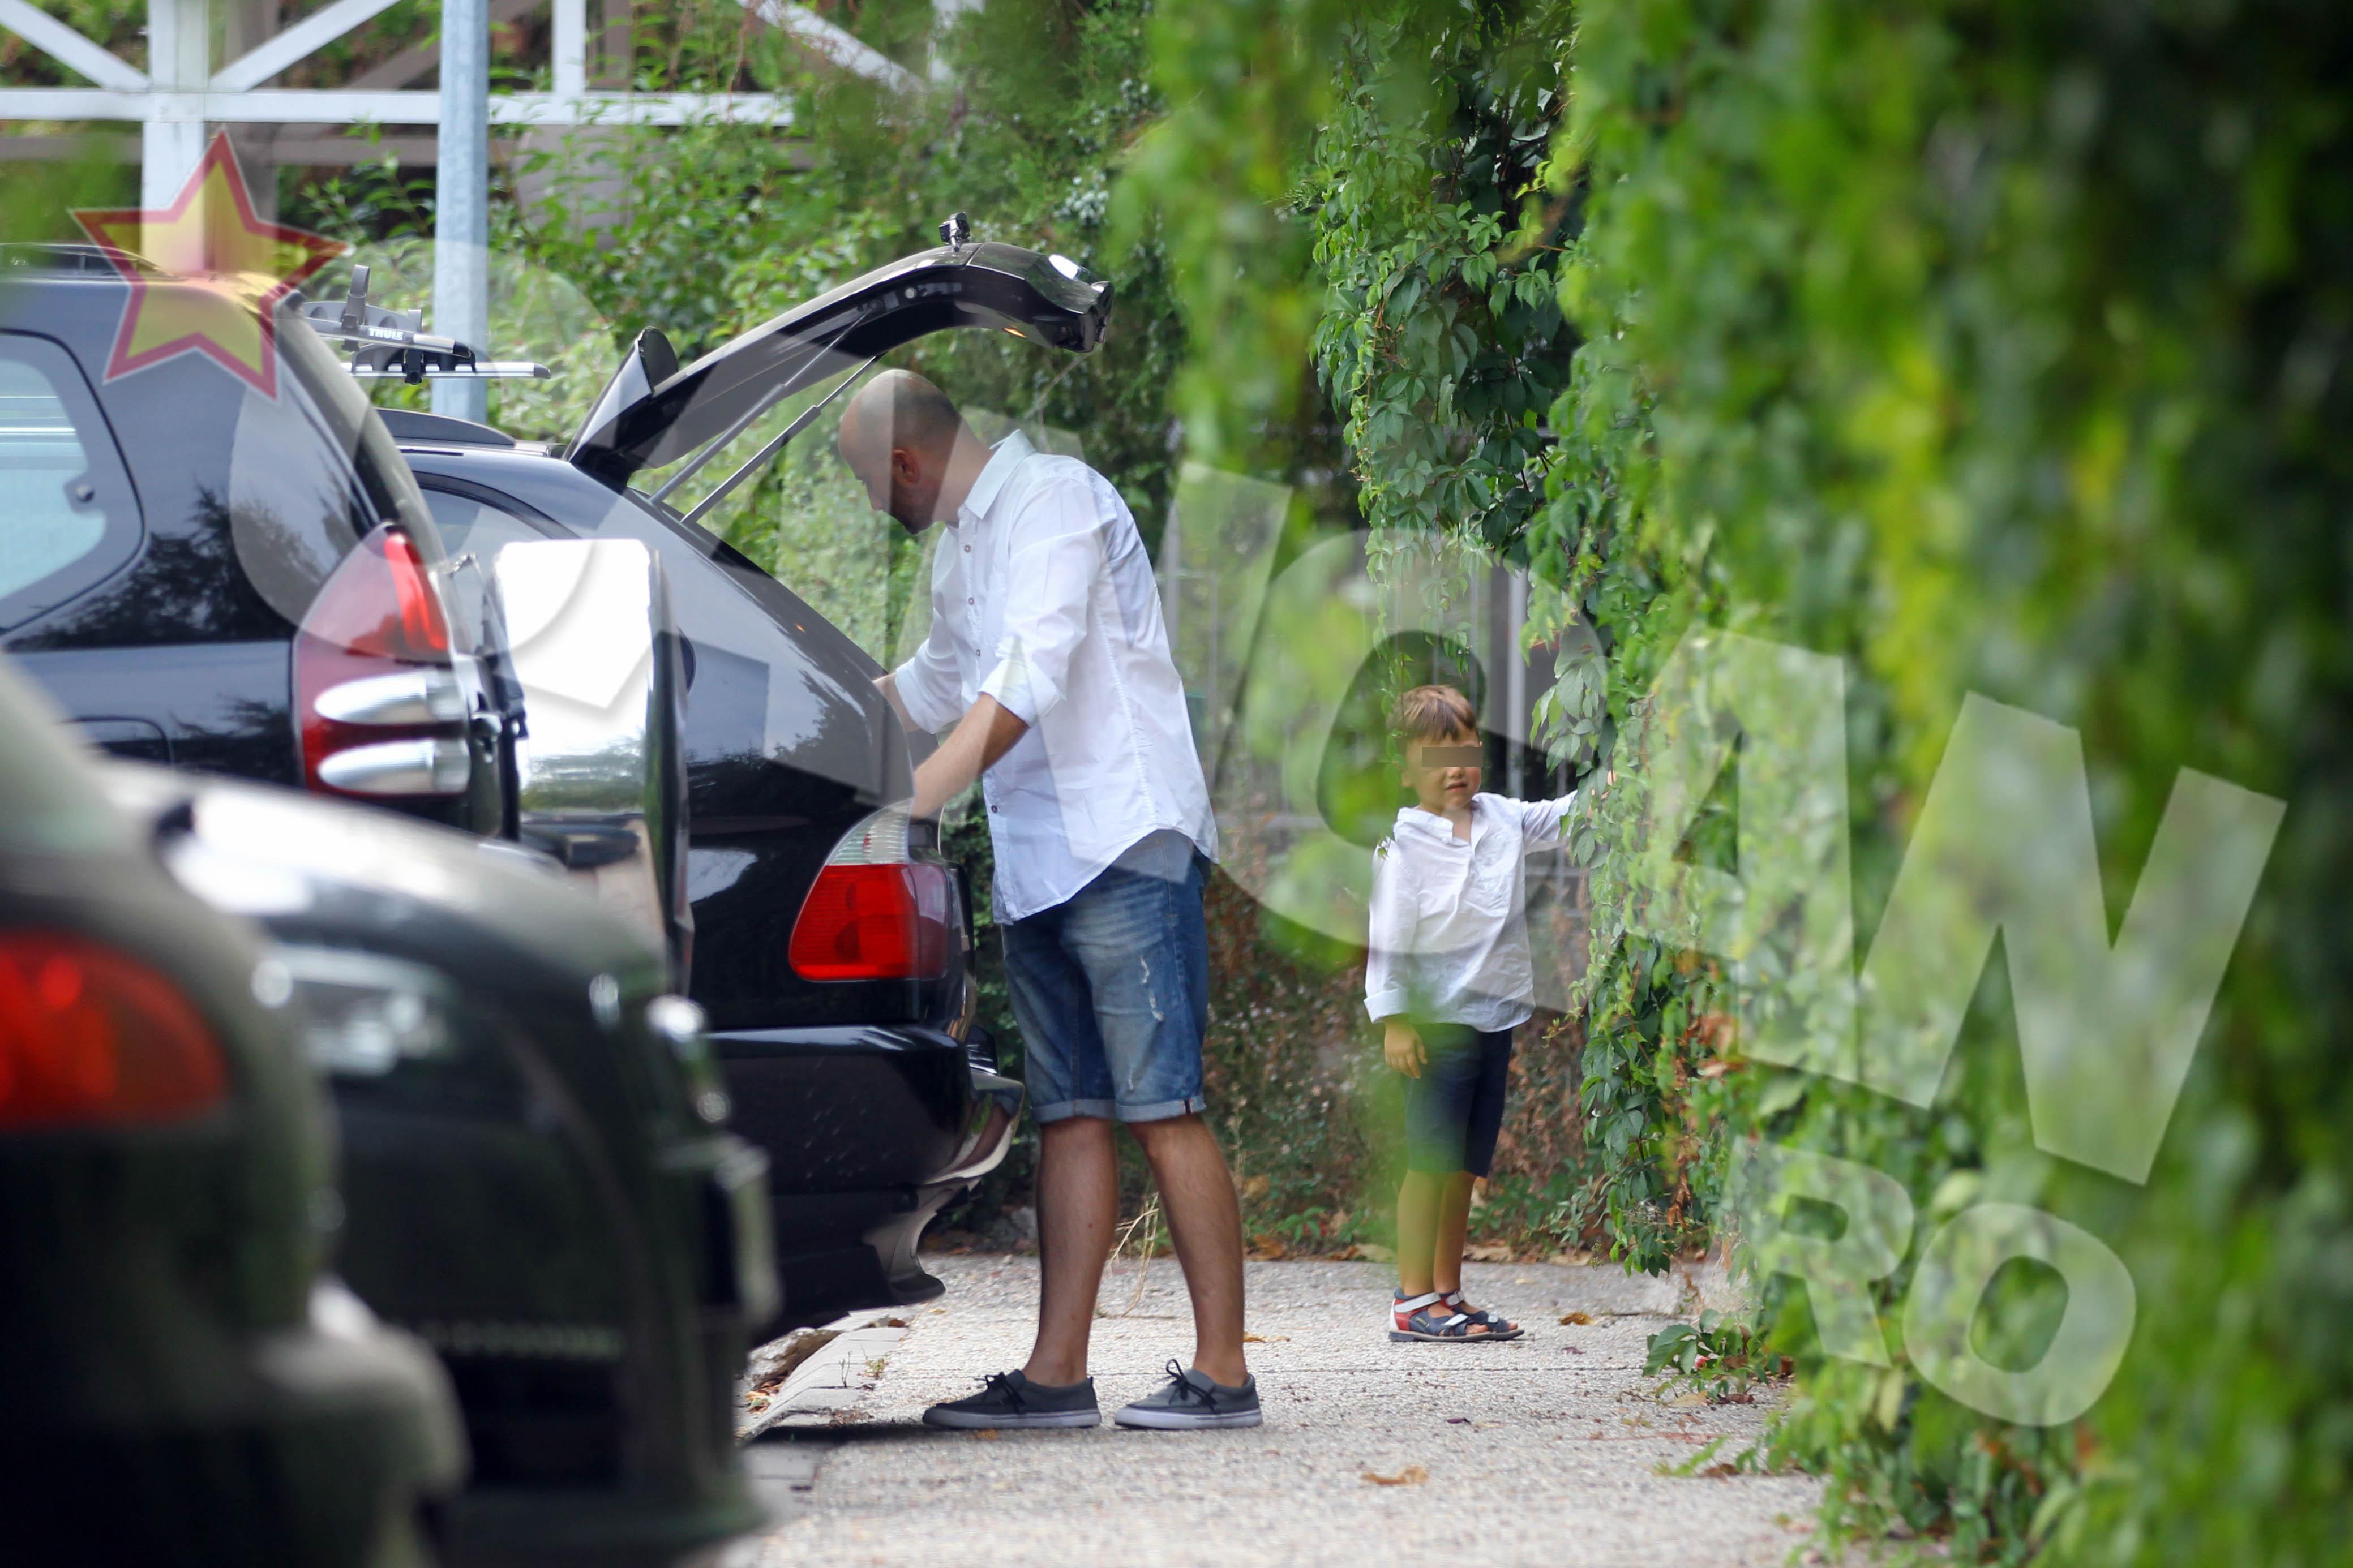 Artistul scoate ceva din portbagajul masinii insa arunca cate o privire si la copii